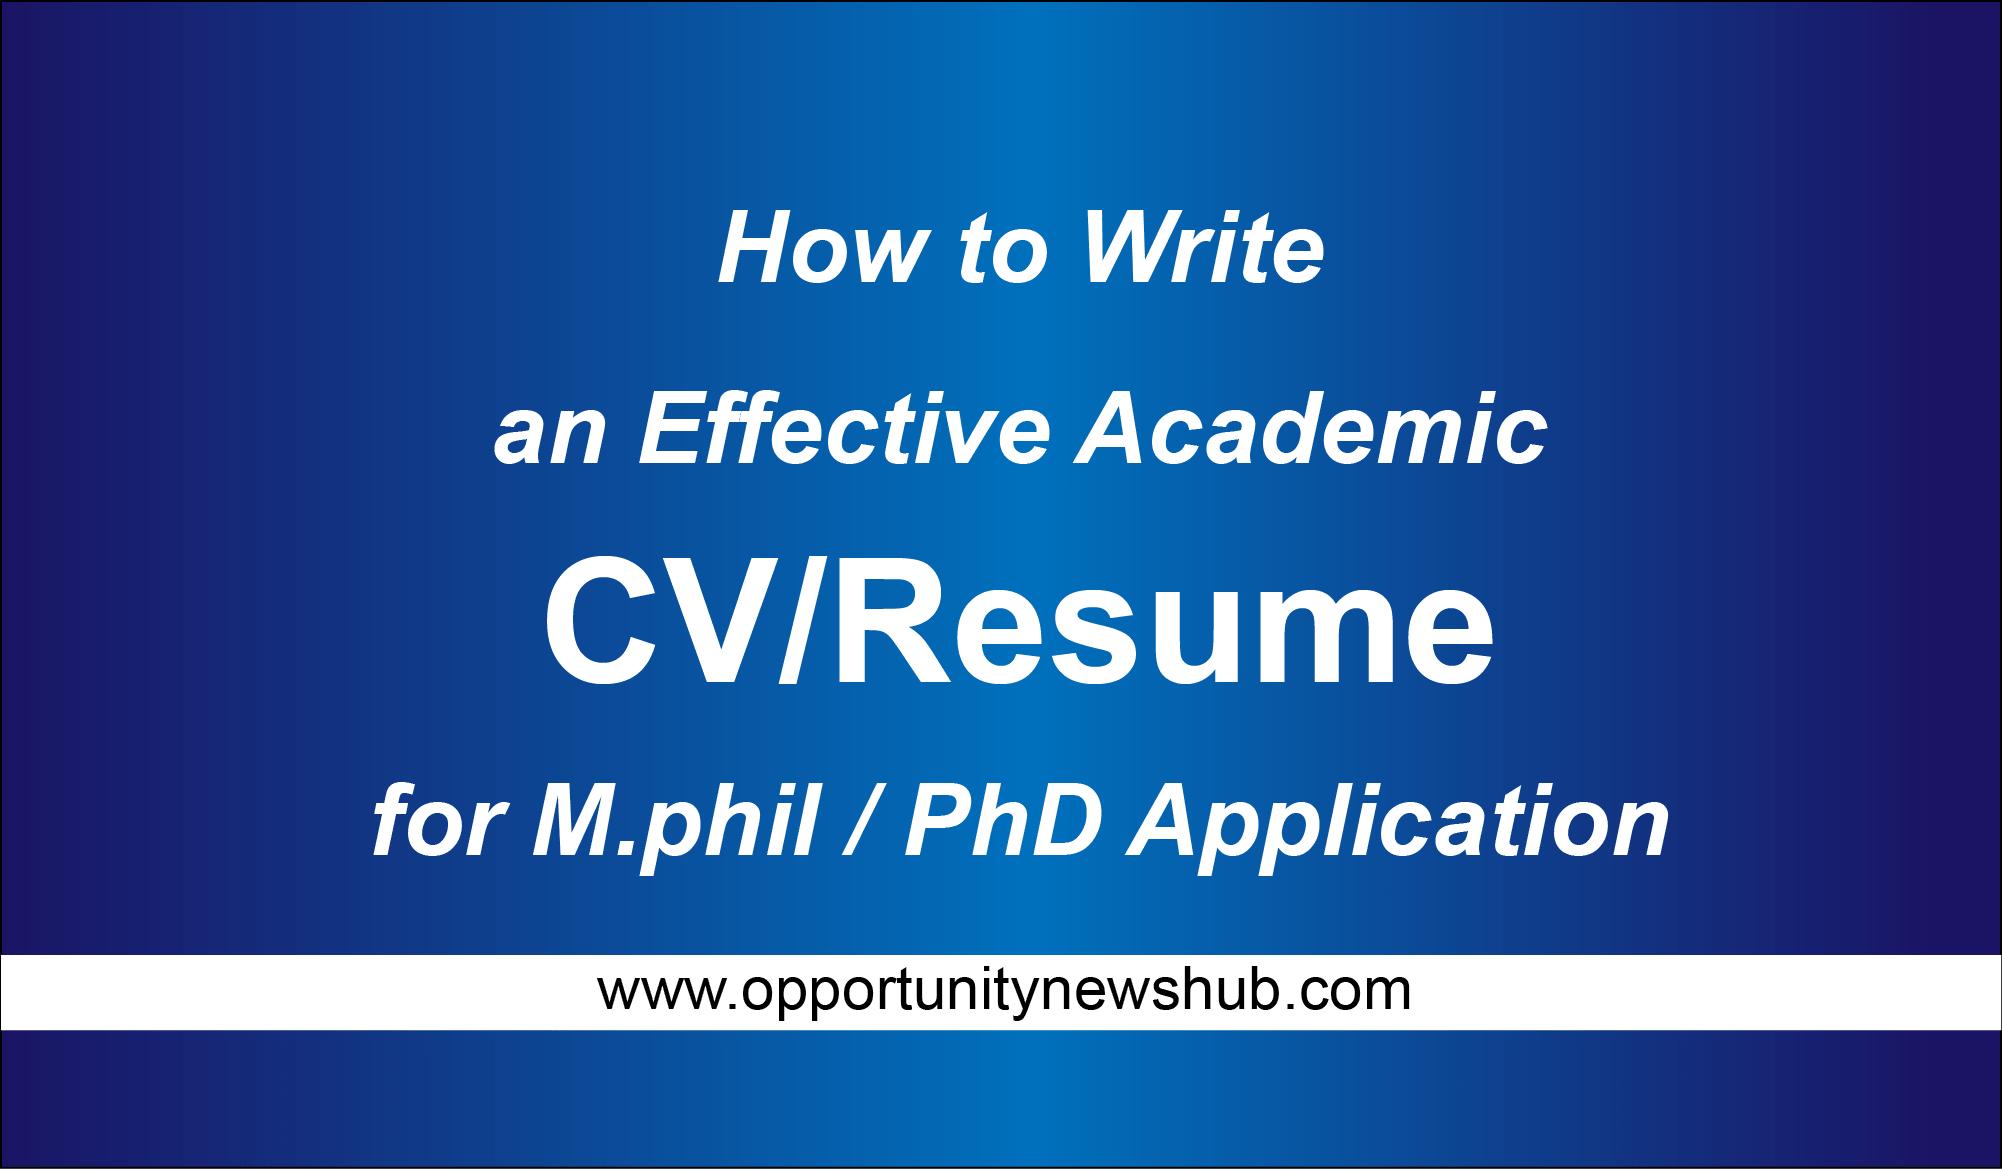 https://opportunitynewshub.com/university-of-toronto-scholarships-in-canada-2021-opportunitynewshub/